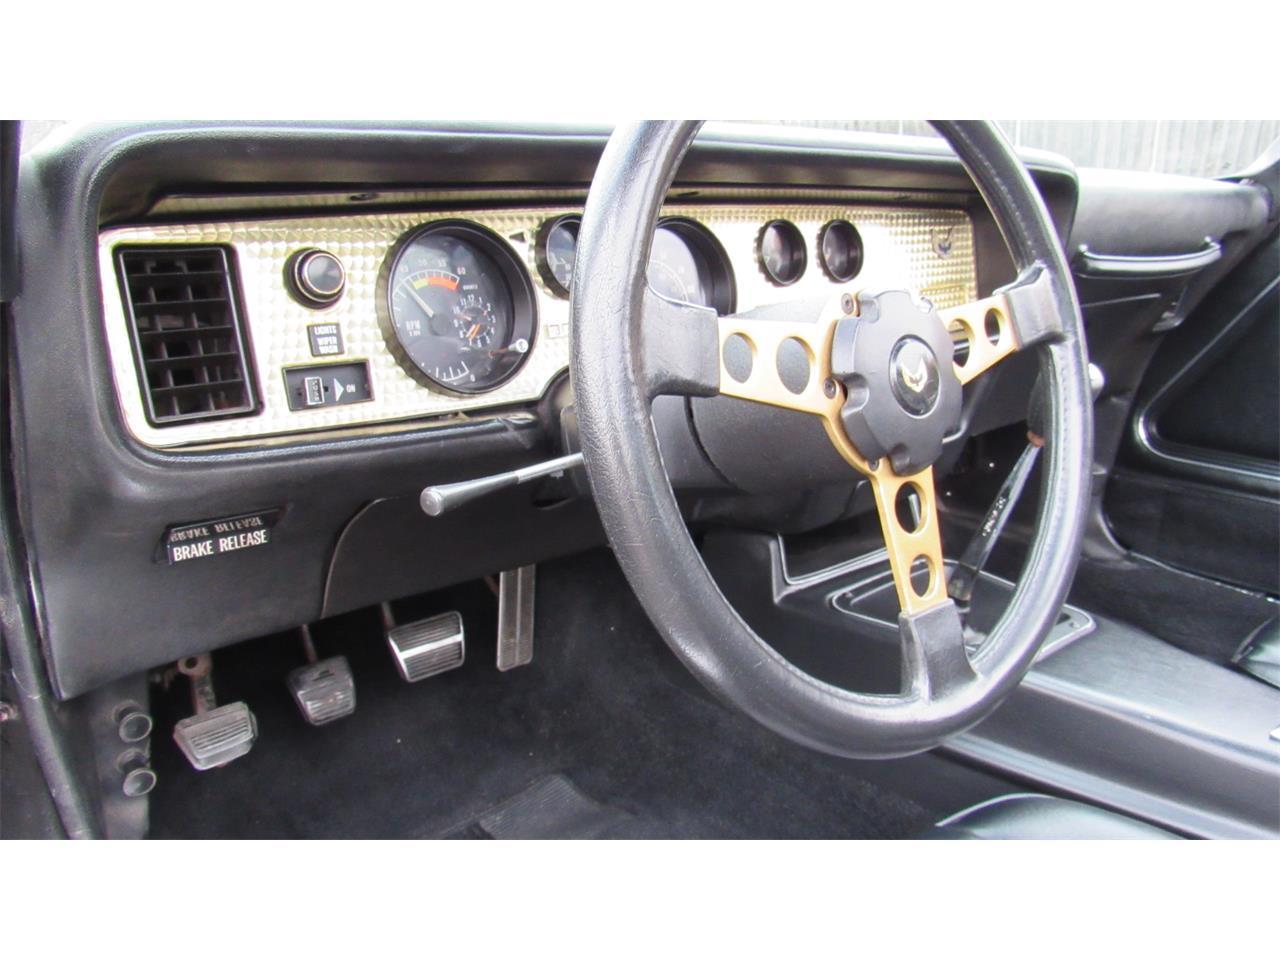 1979 Pontiac Firebird Trans Am (CC-1300129) for sale in Milford, Ohio